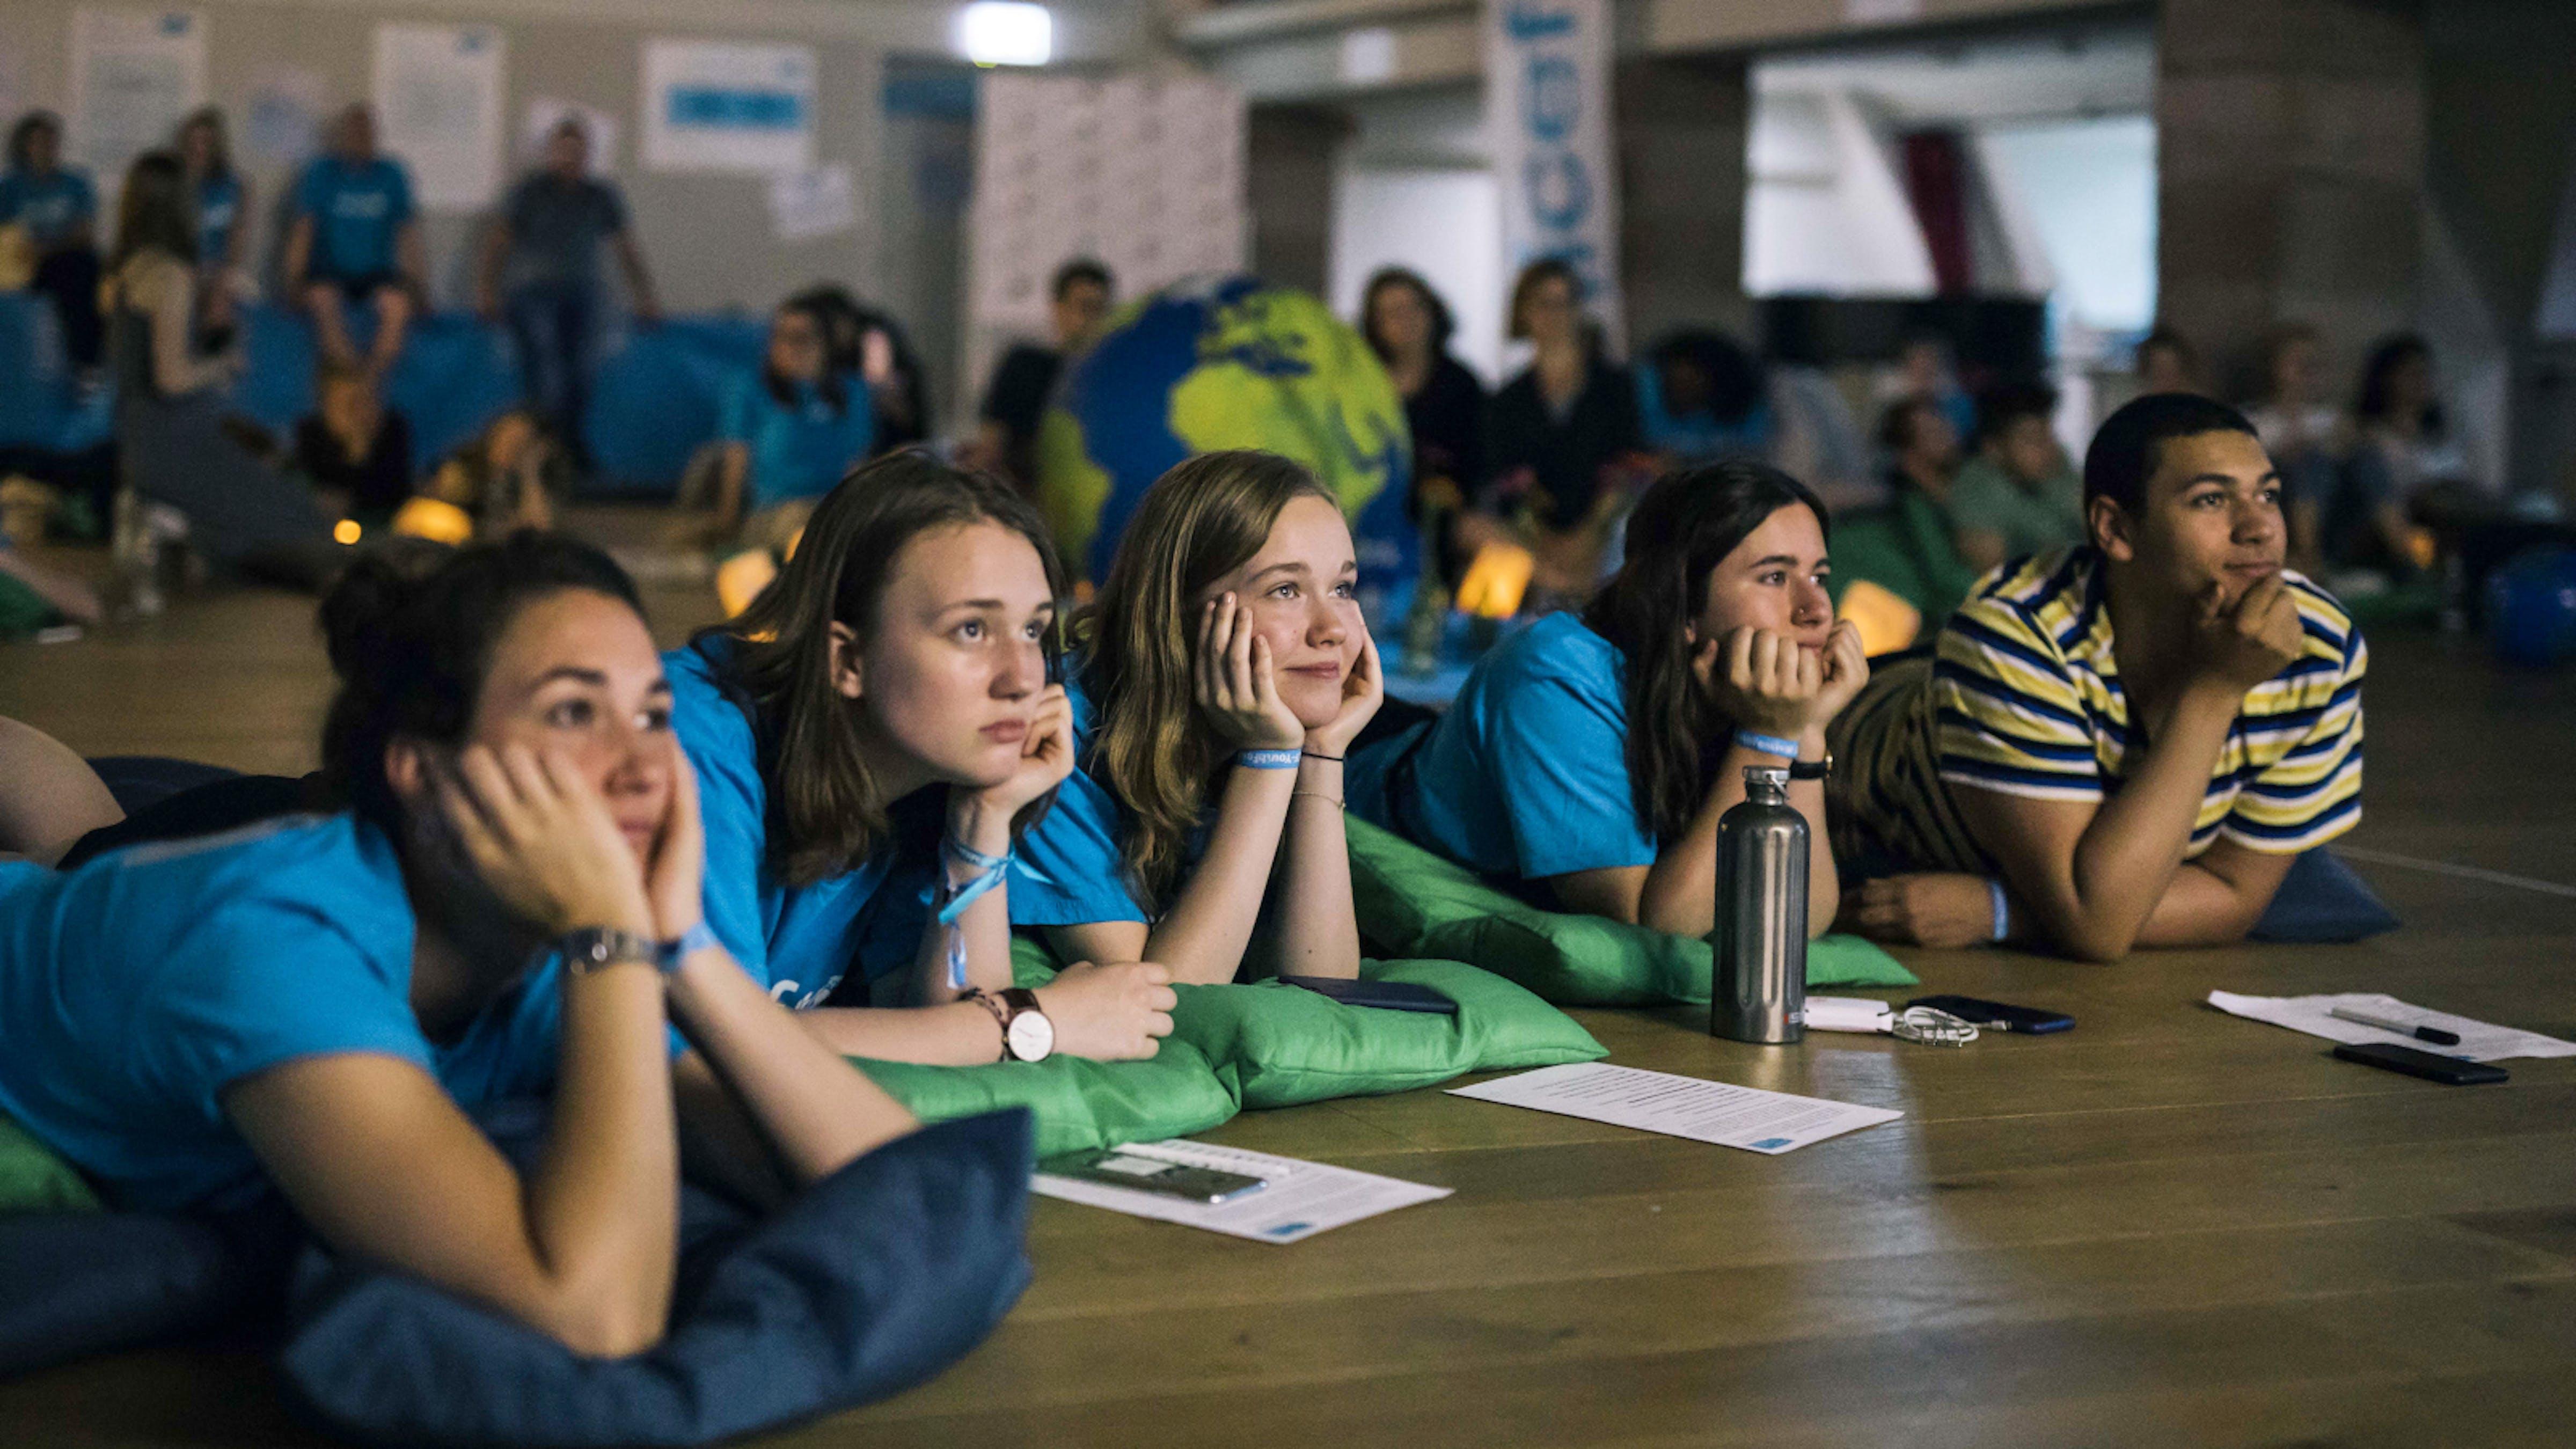 Ragazzi sdraiati a terra, formazione UNICEF